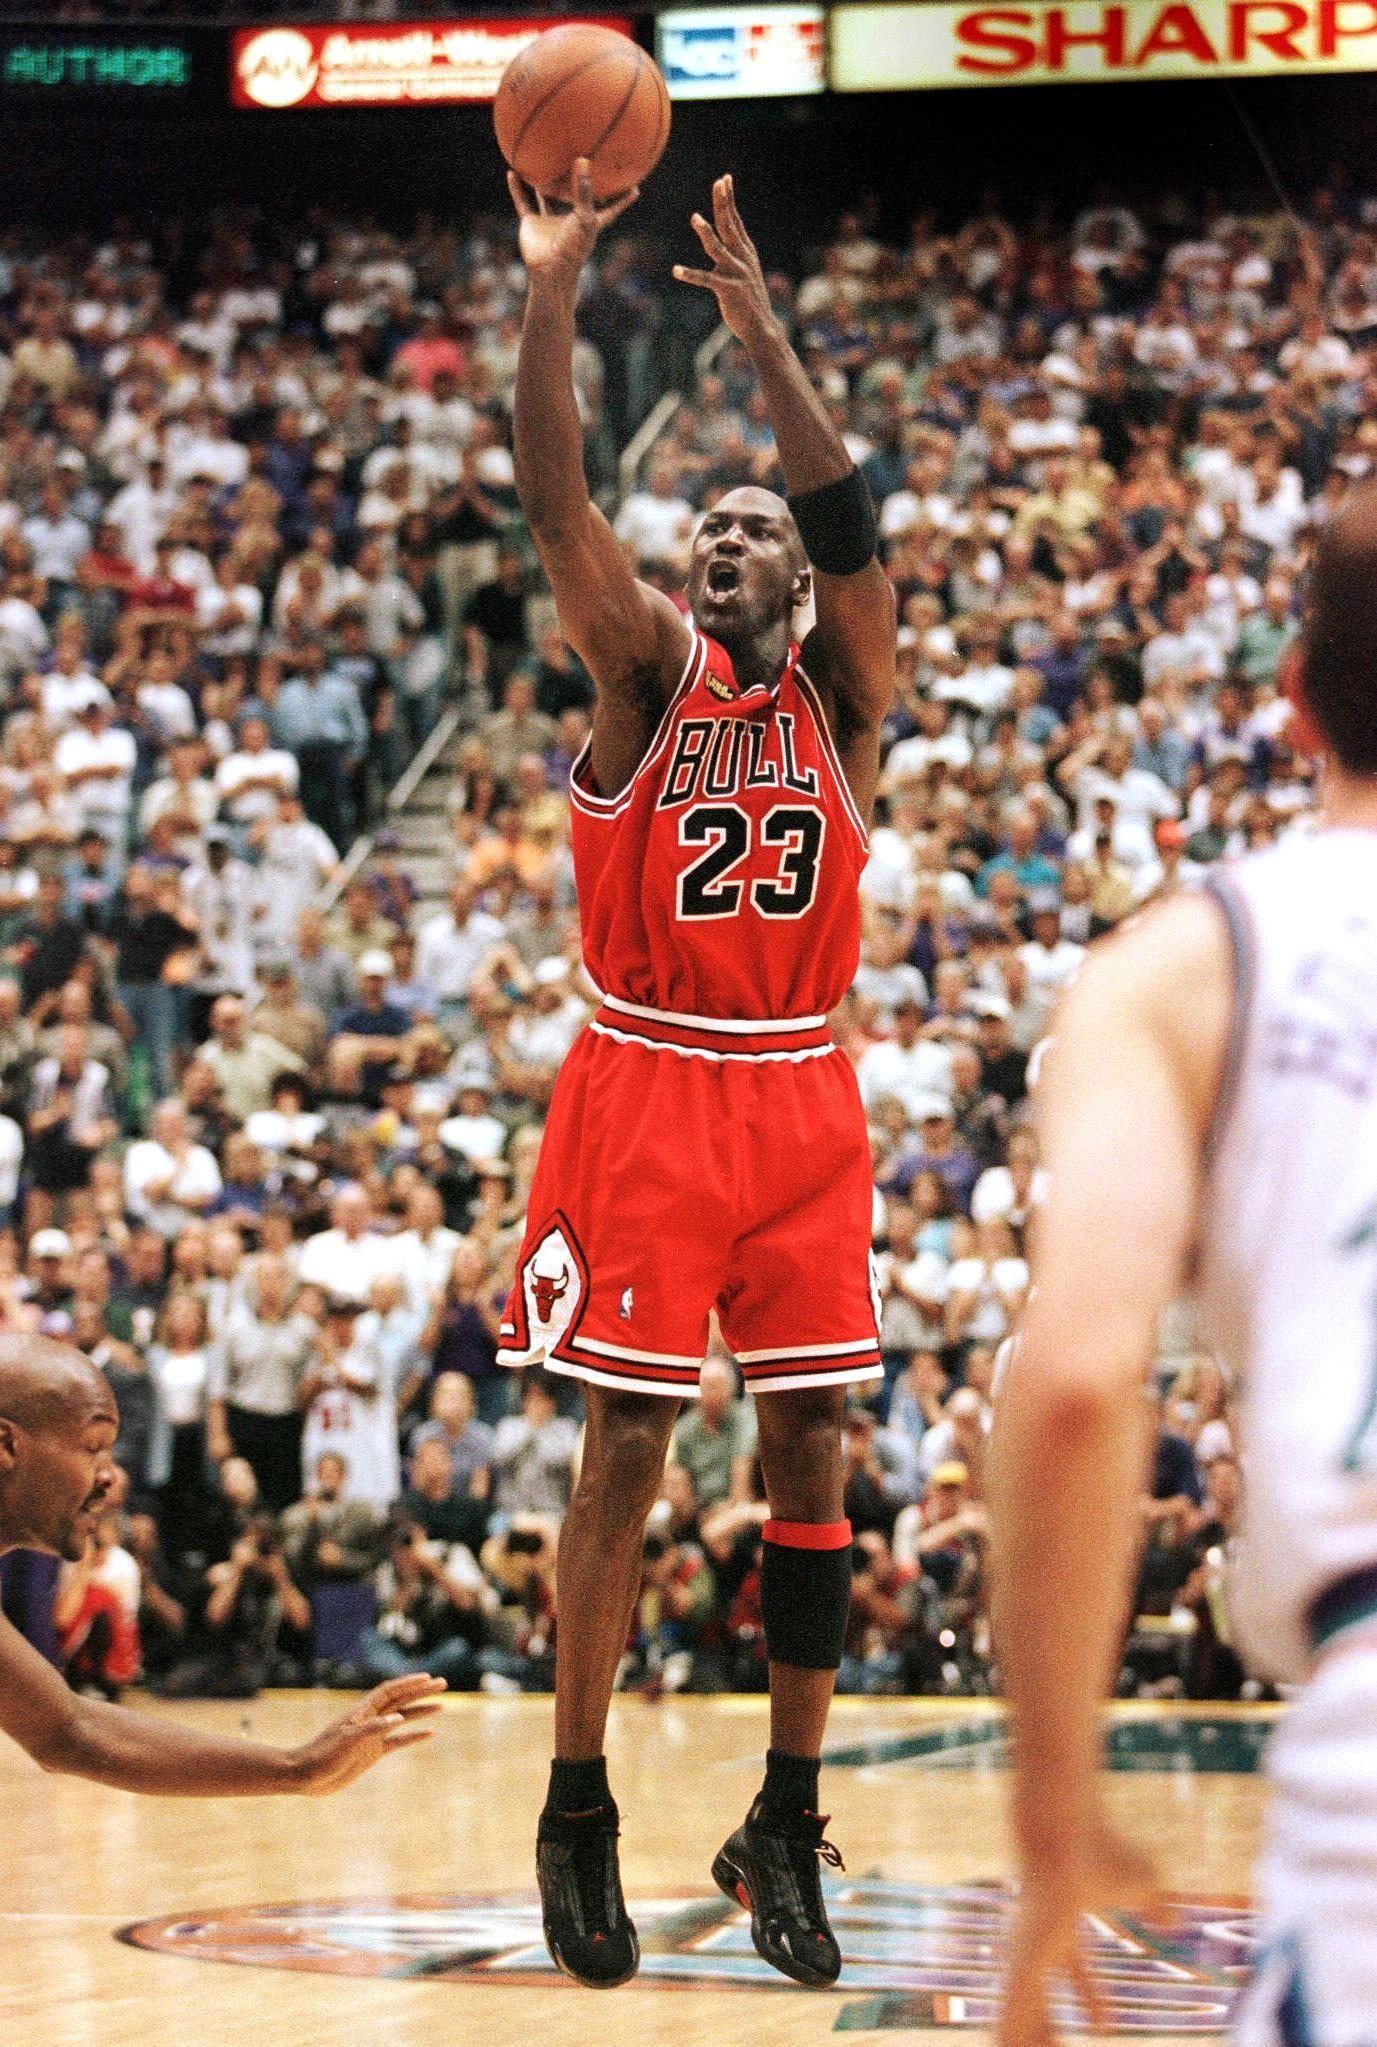 Jordan's final shot